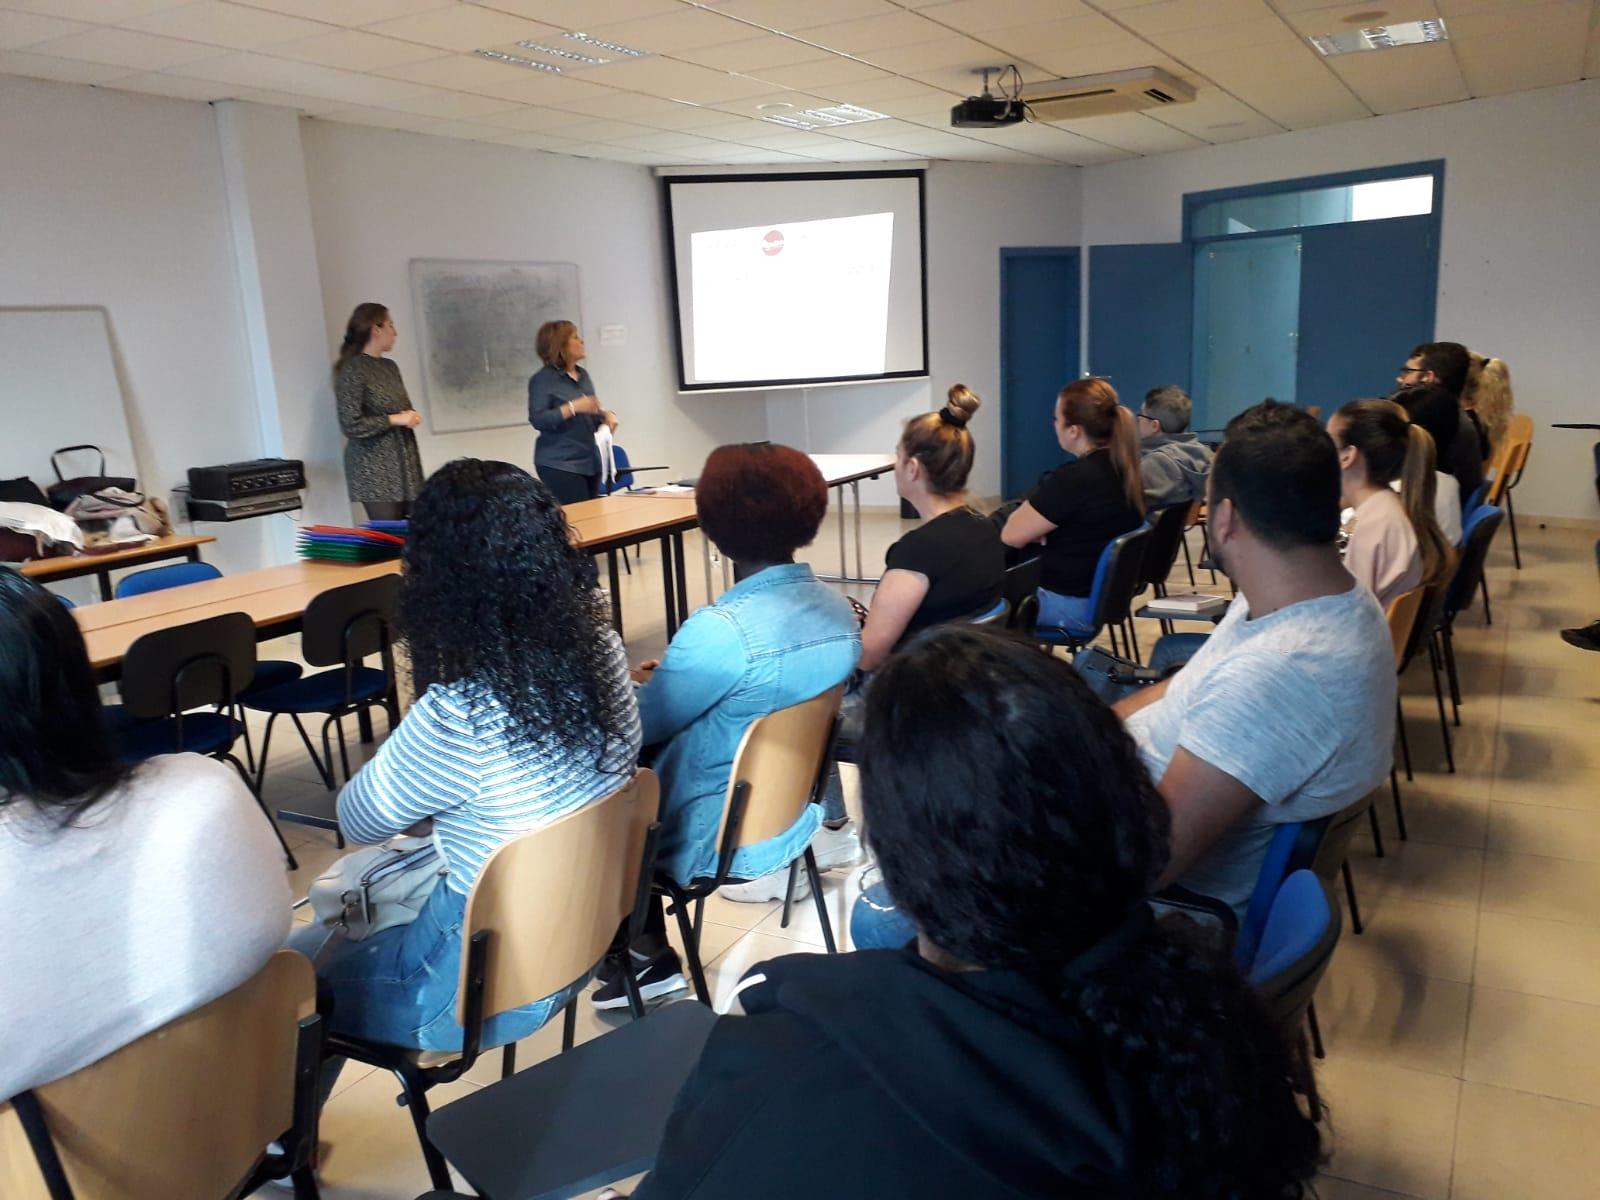 Comienza en Ataretaco el Punto Formativo Incorpora 2020